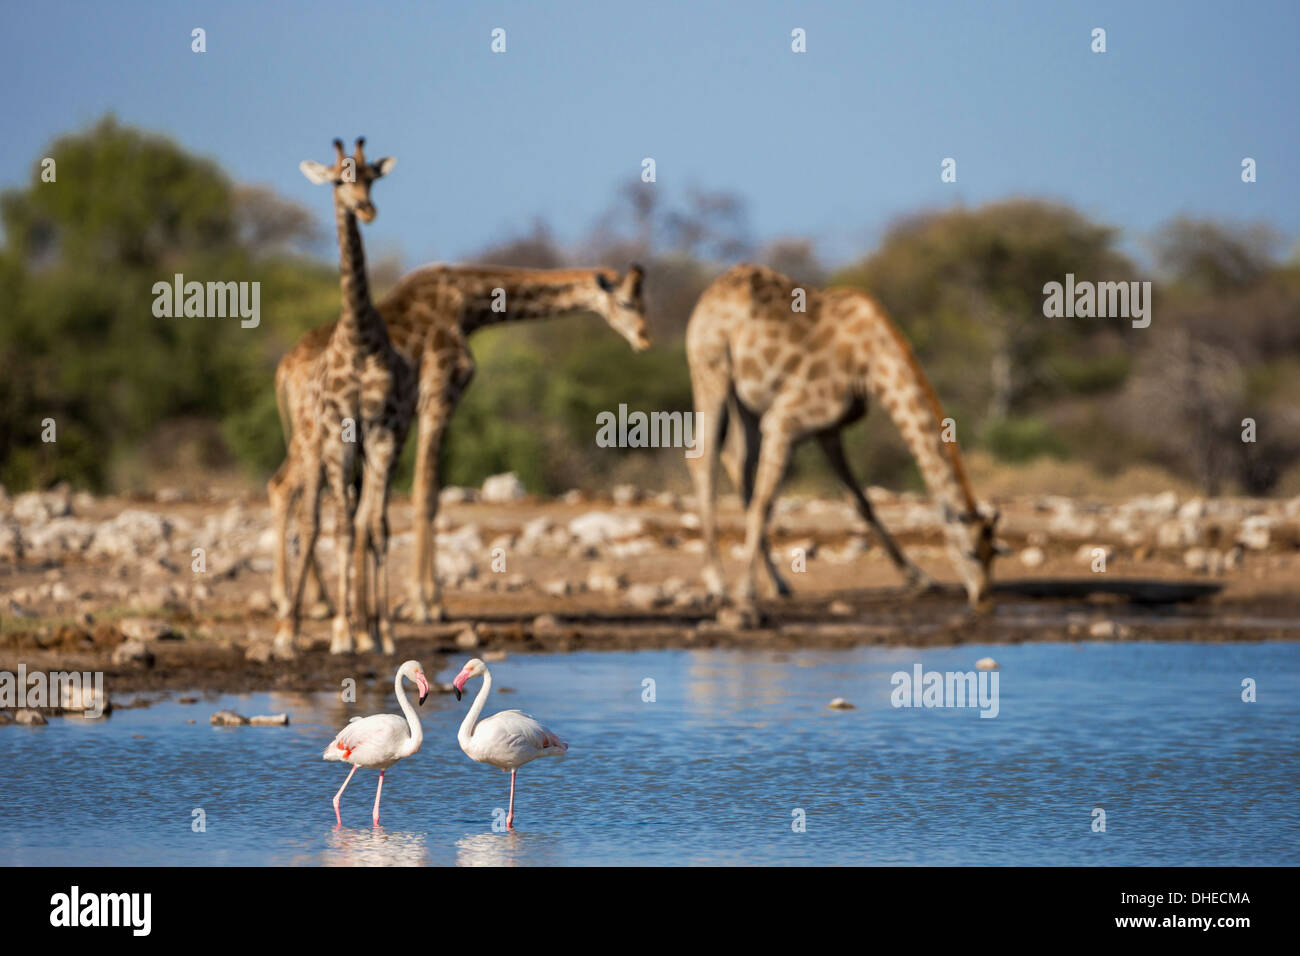 Giraffe (Giraffa camelopardalis) , maggiore i fenicotteri (Phoenicopterus ruber), il Parco Nazionale di Etosha, Namibia, Africa Immagini Stock